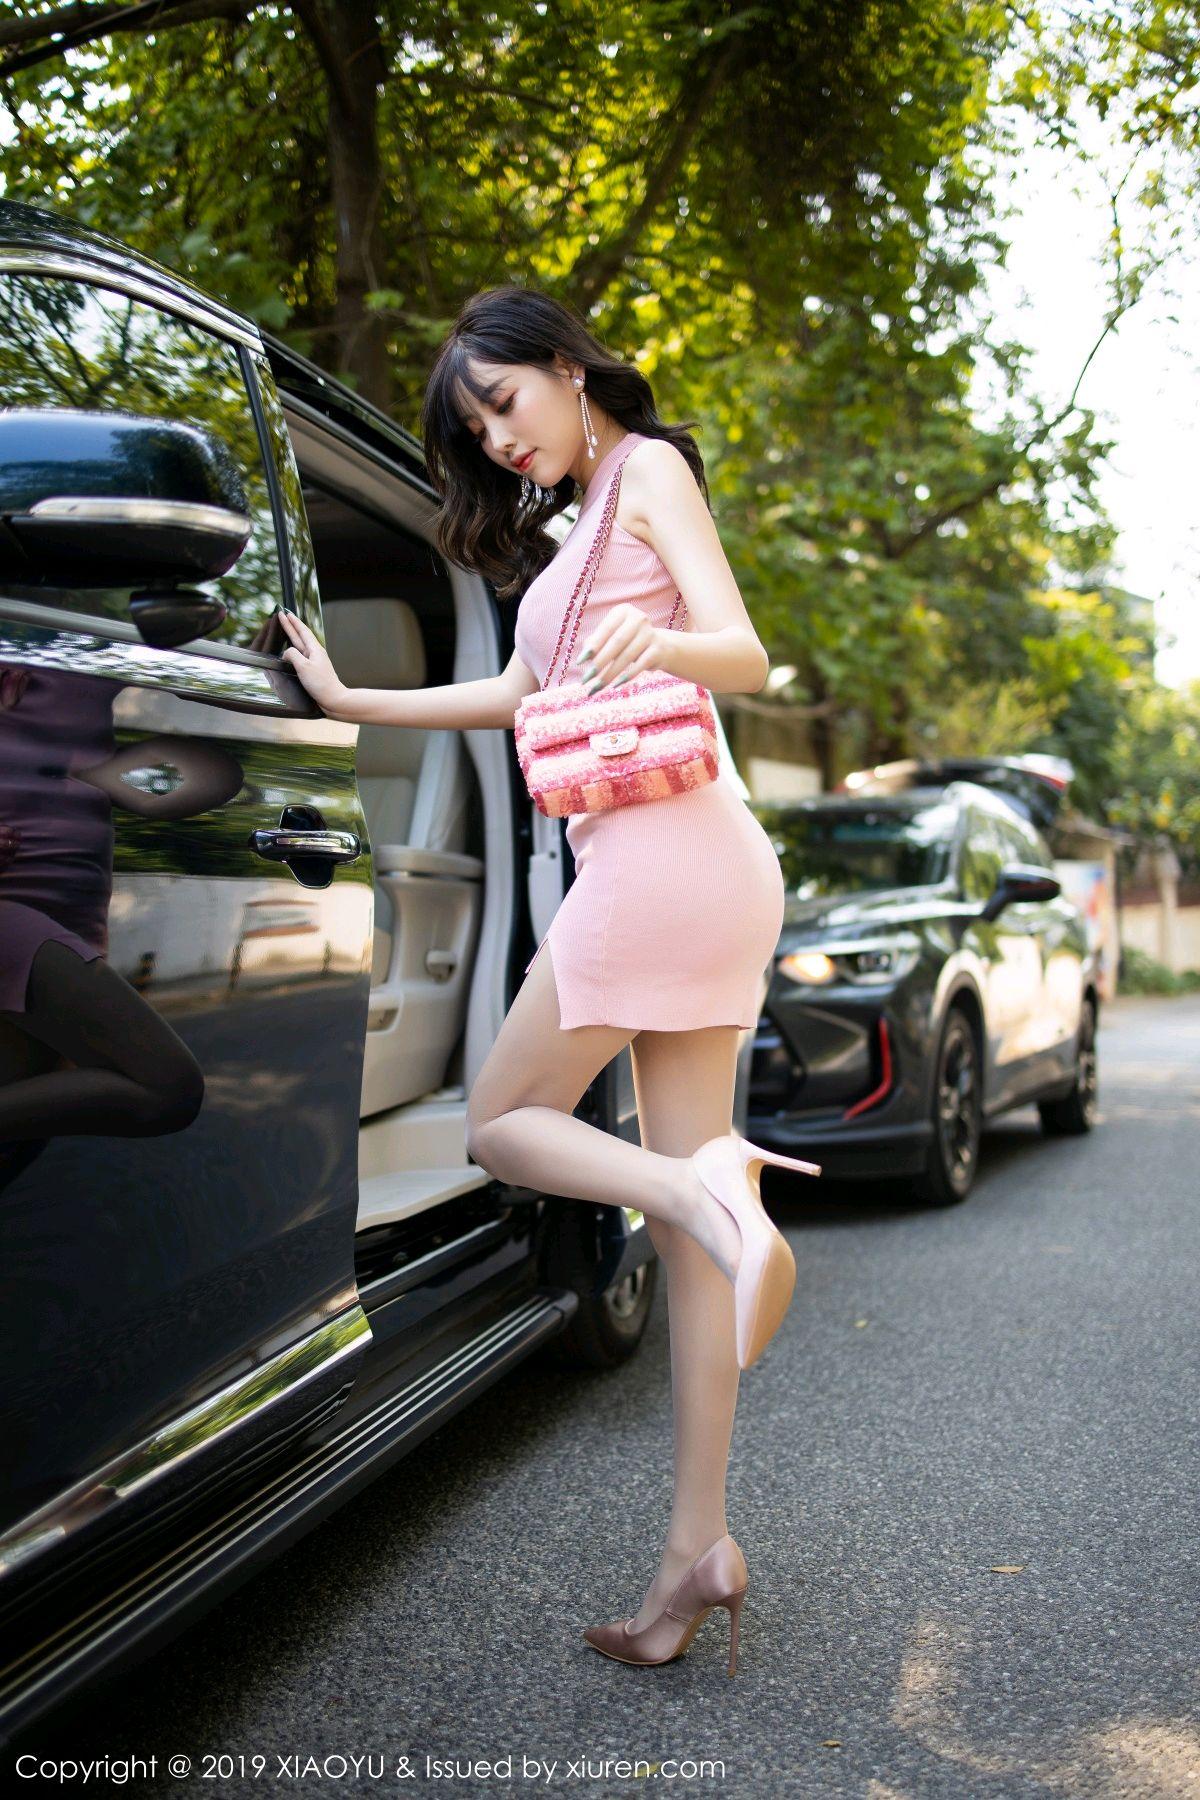 [XIAOYU] Vol.178 Yang Chen Chen 7P, Outdoor, Tall, XiaoYu, Yang Chen Chen